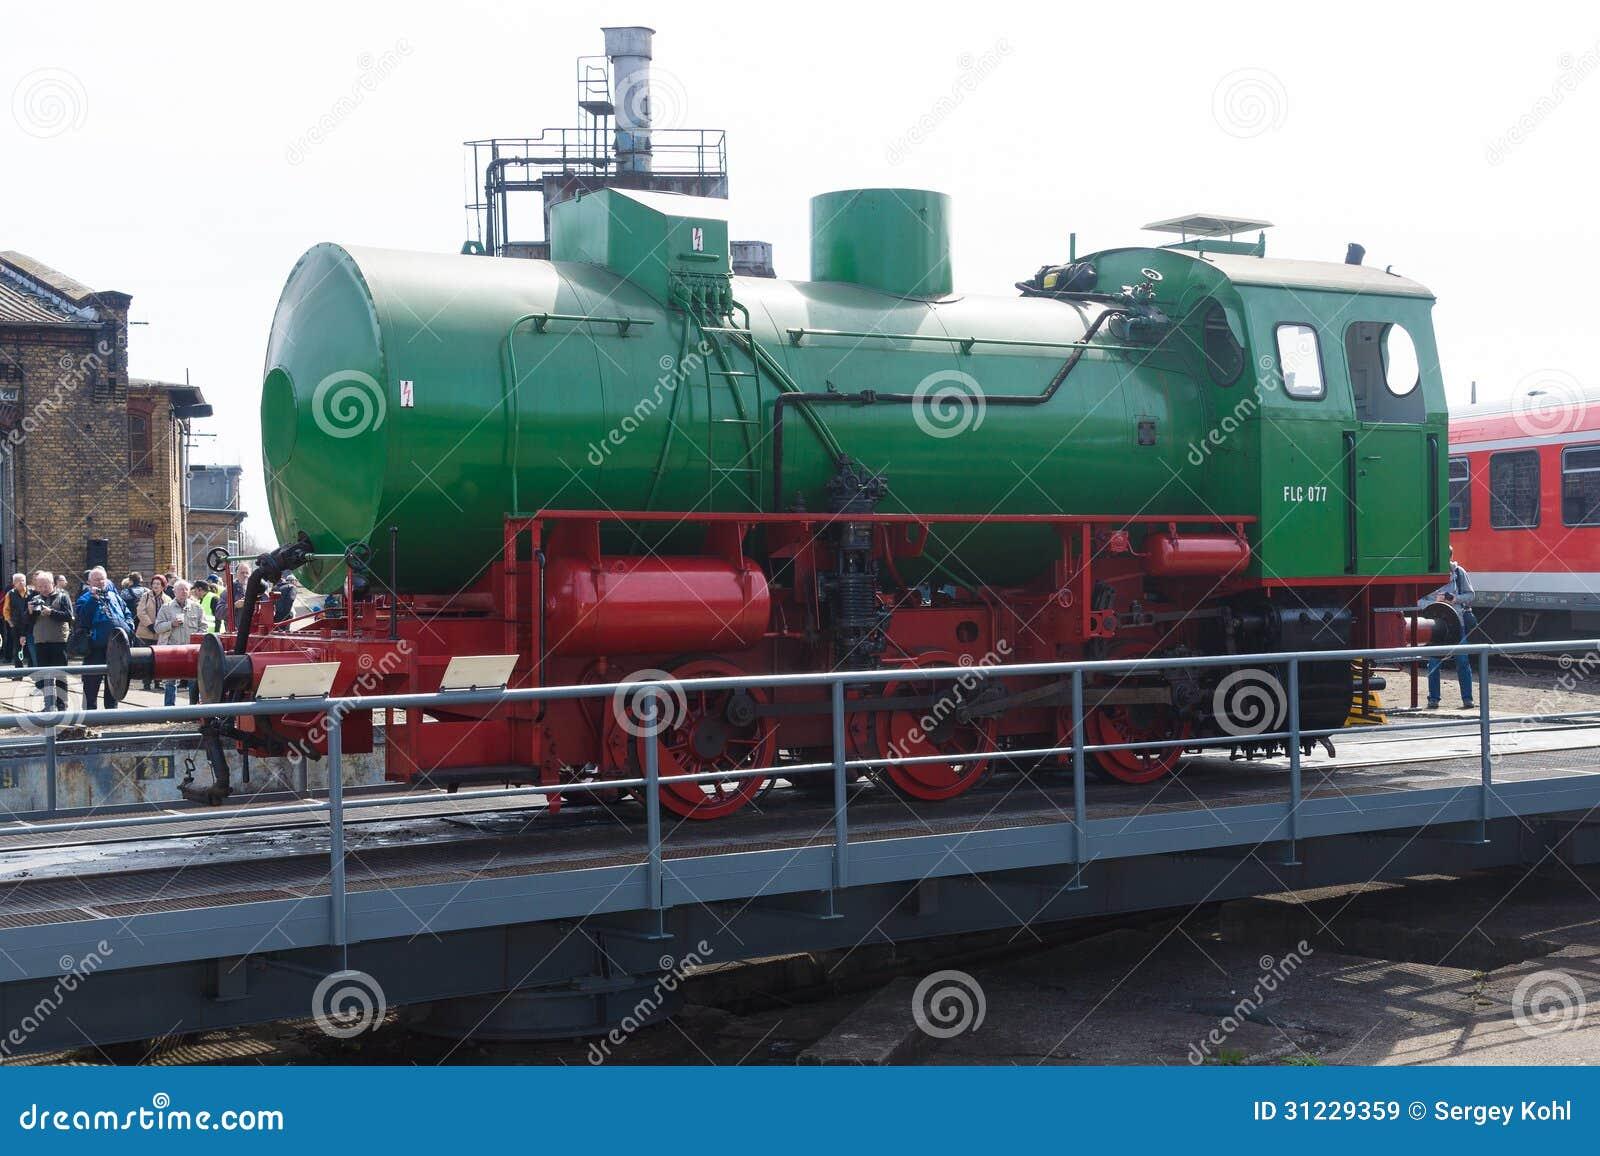 Stoomlocomotief flc-077 (Meiningen) op de spoorwegdraaischijf